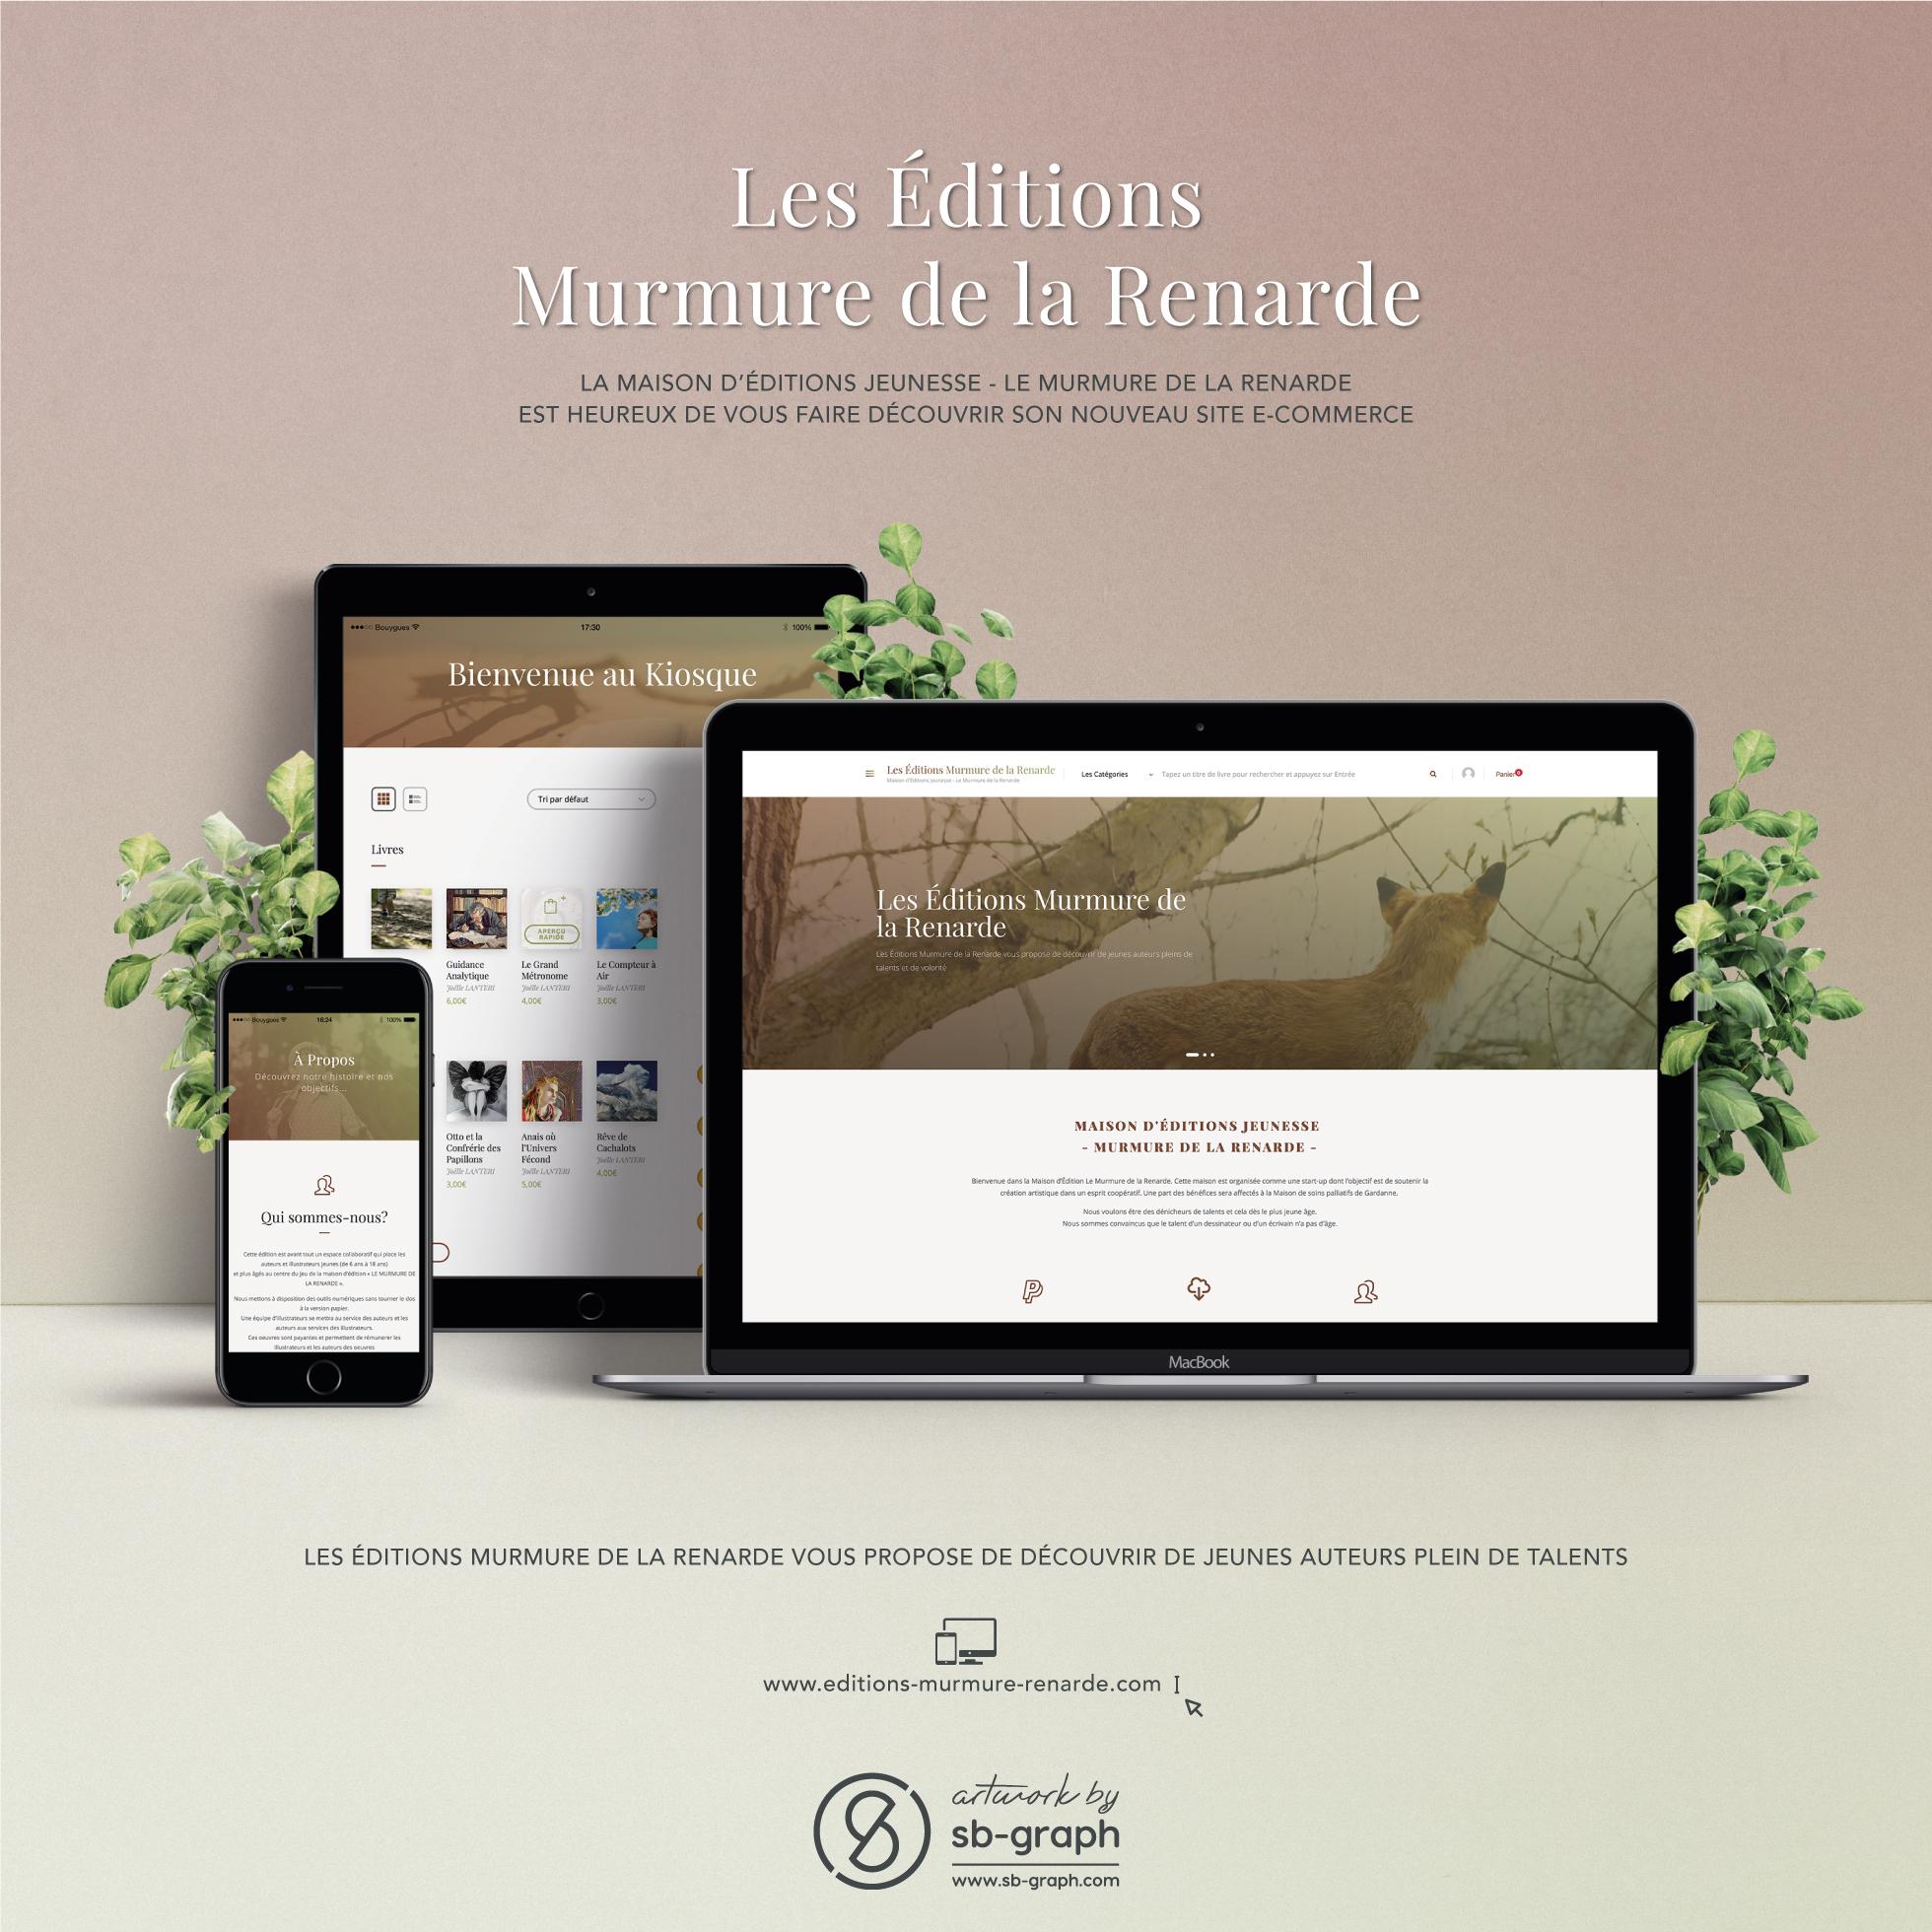 Réalisation du site e-commerce Editions Murmure de la Renarde par SB-GRAPH